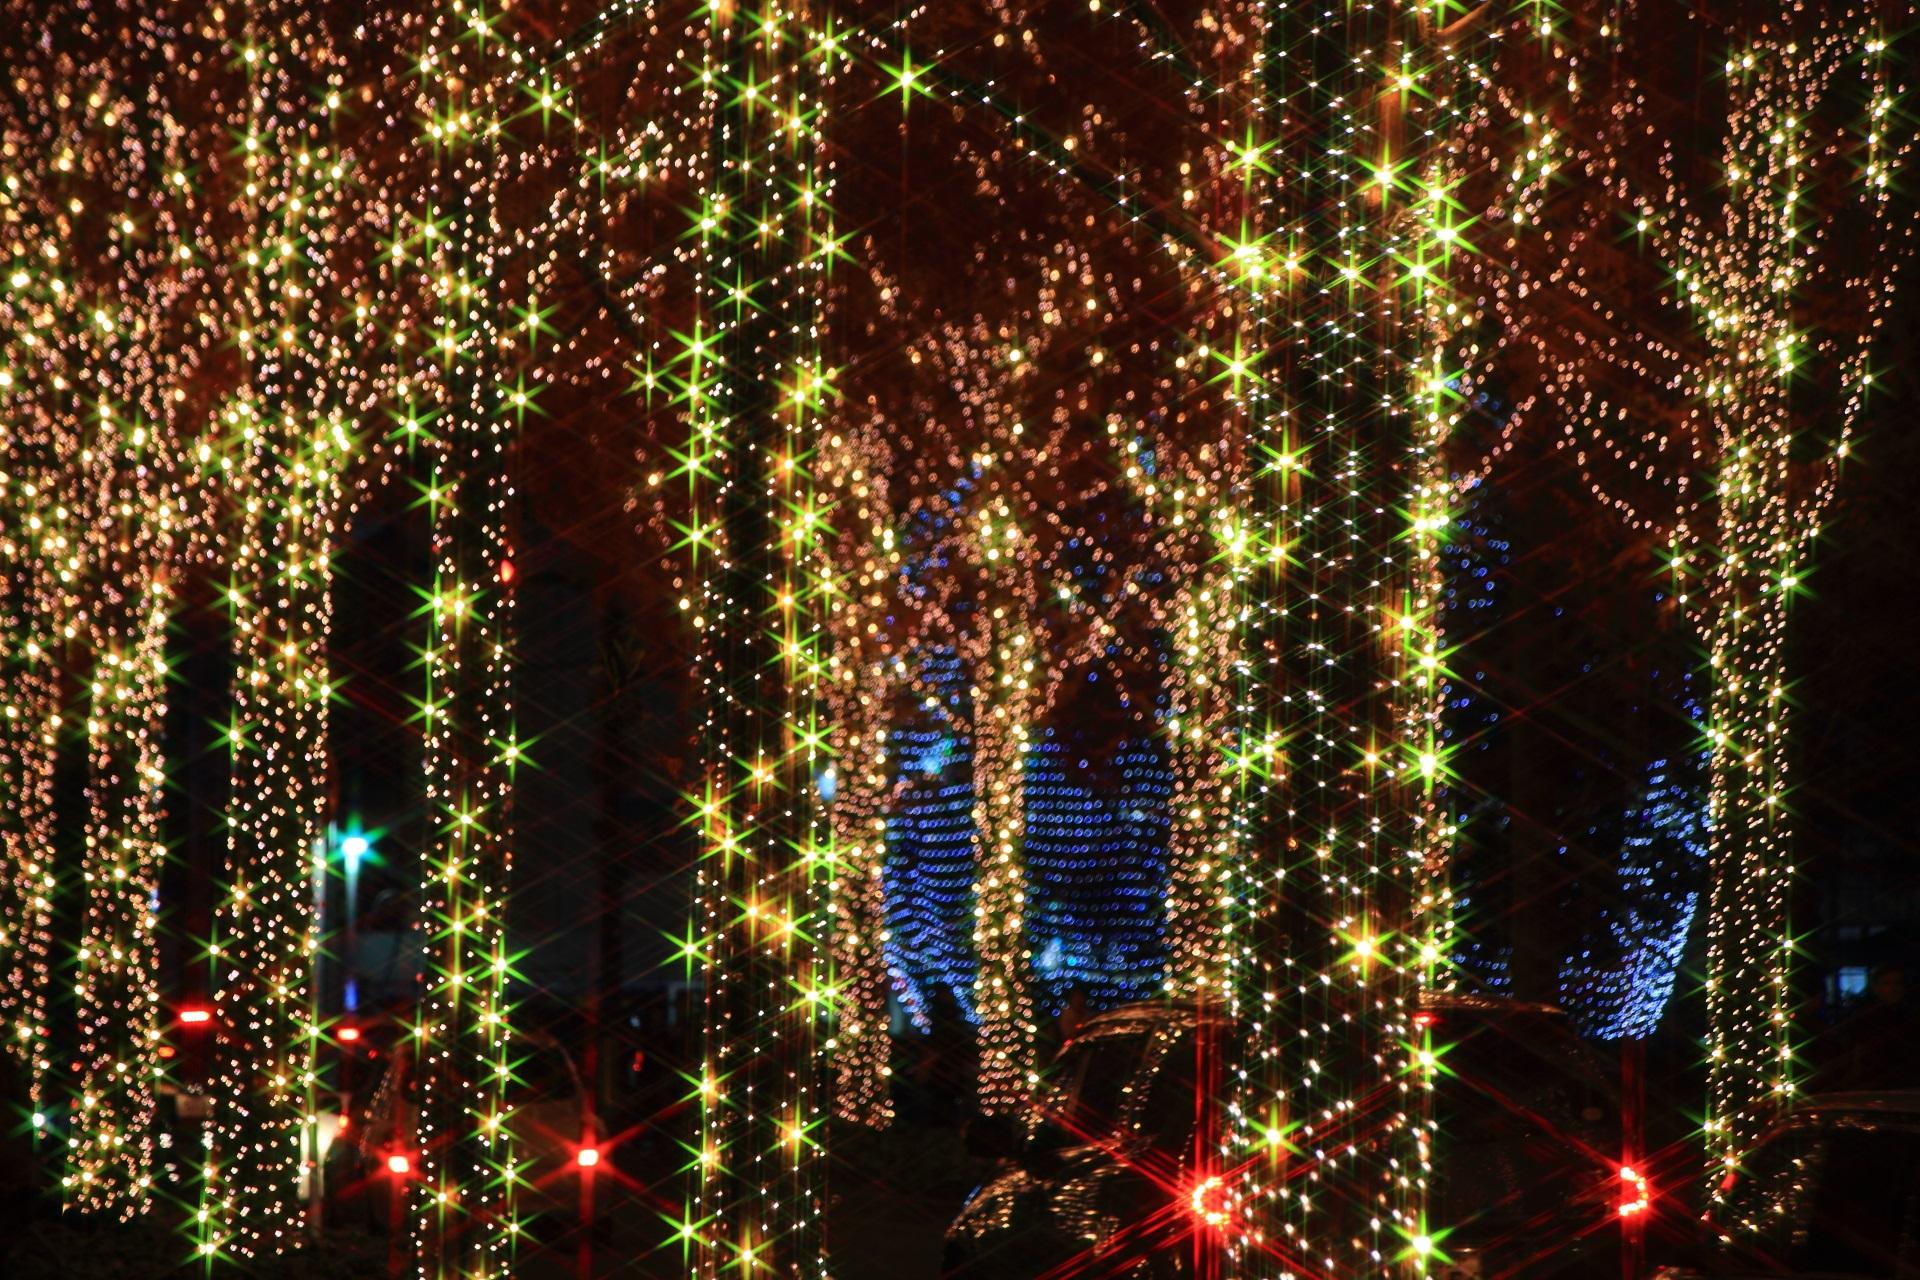 煌くメタセコイア並木のロームイルミネーション